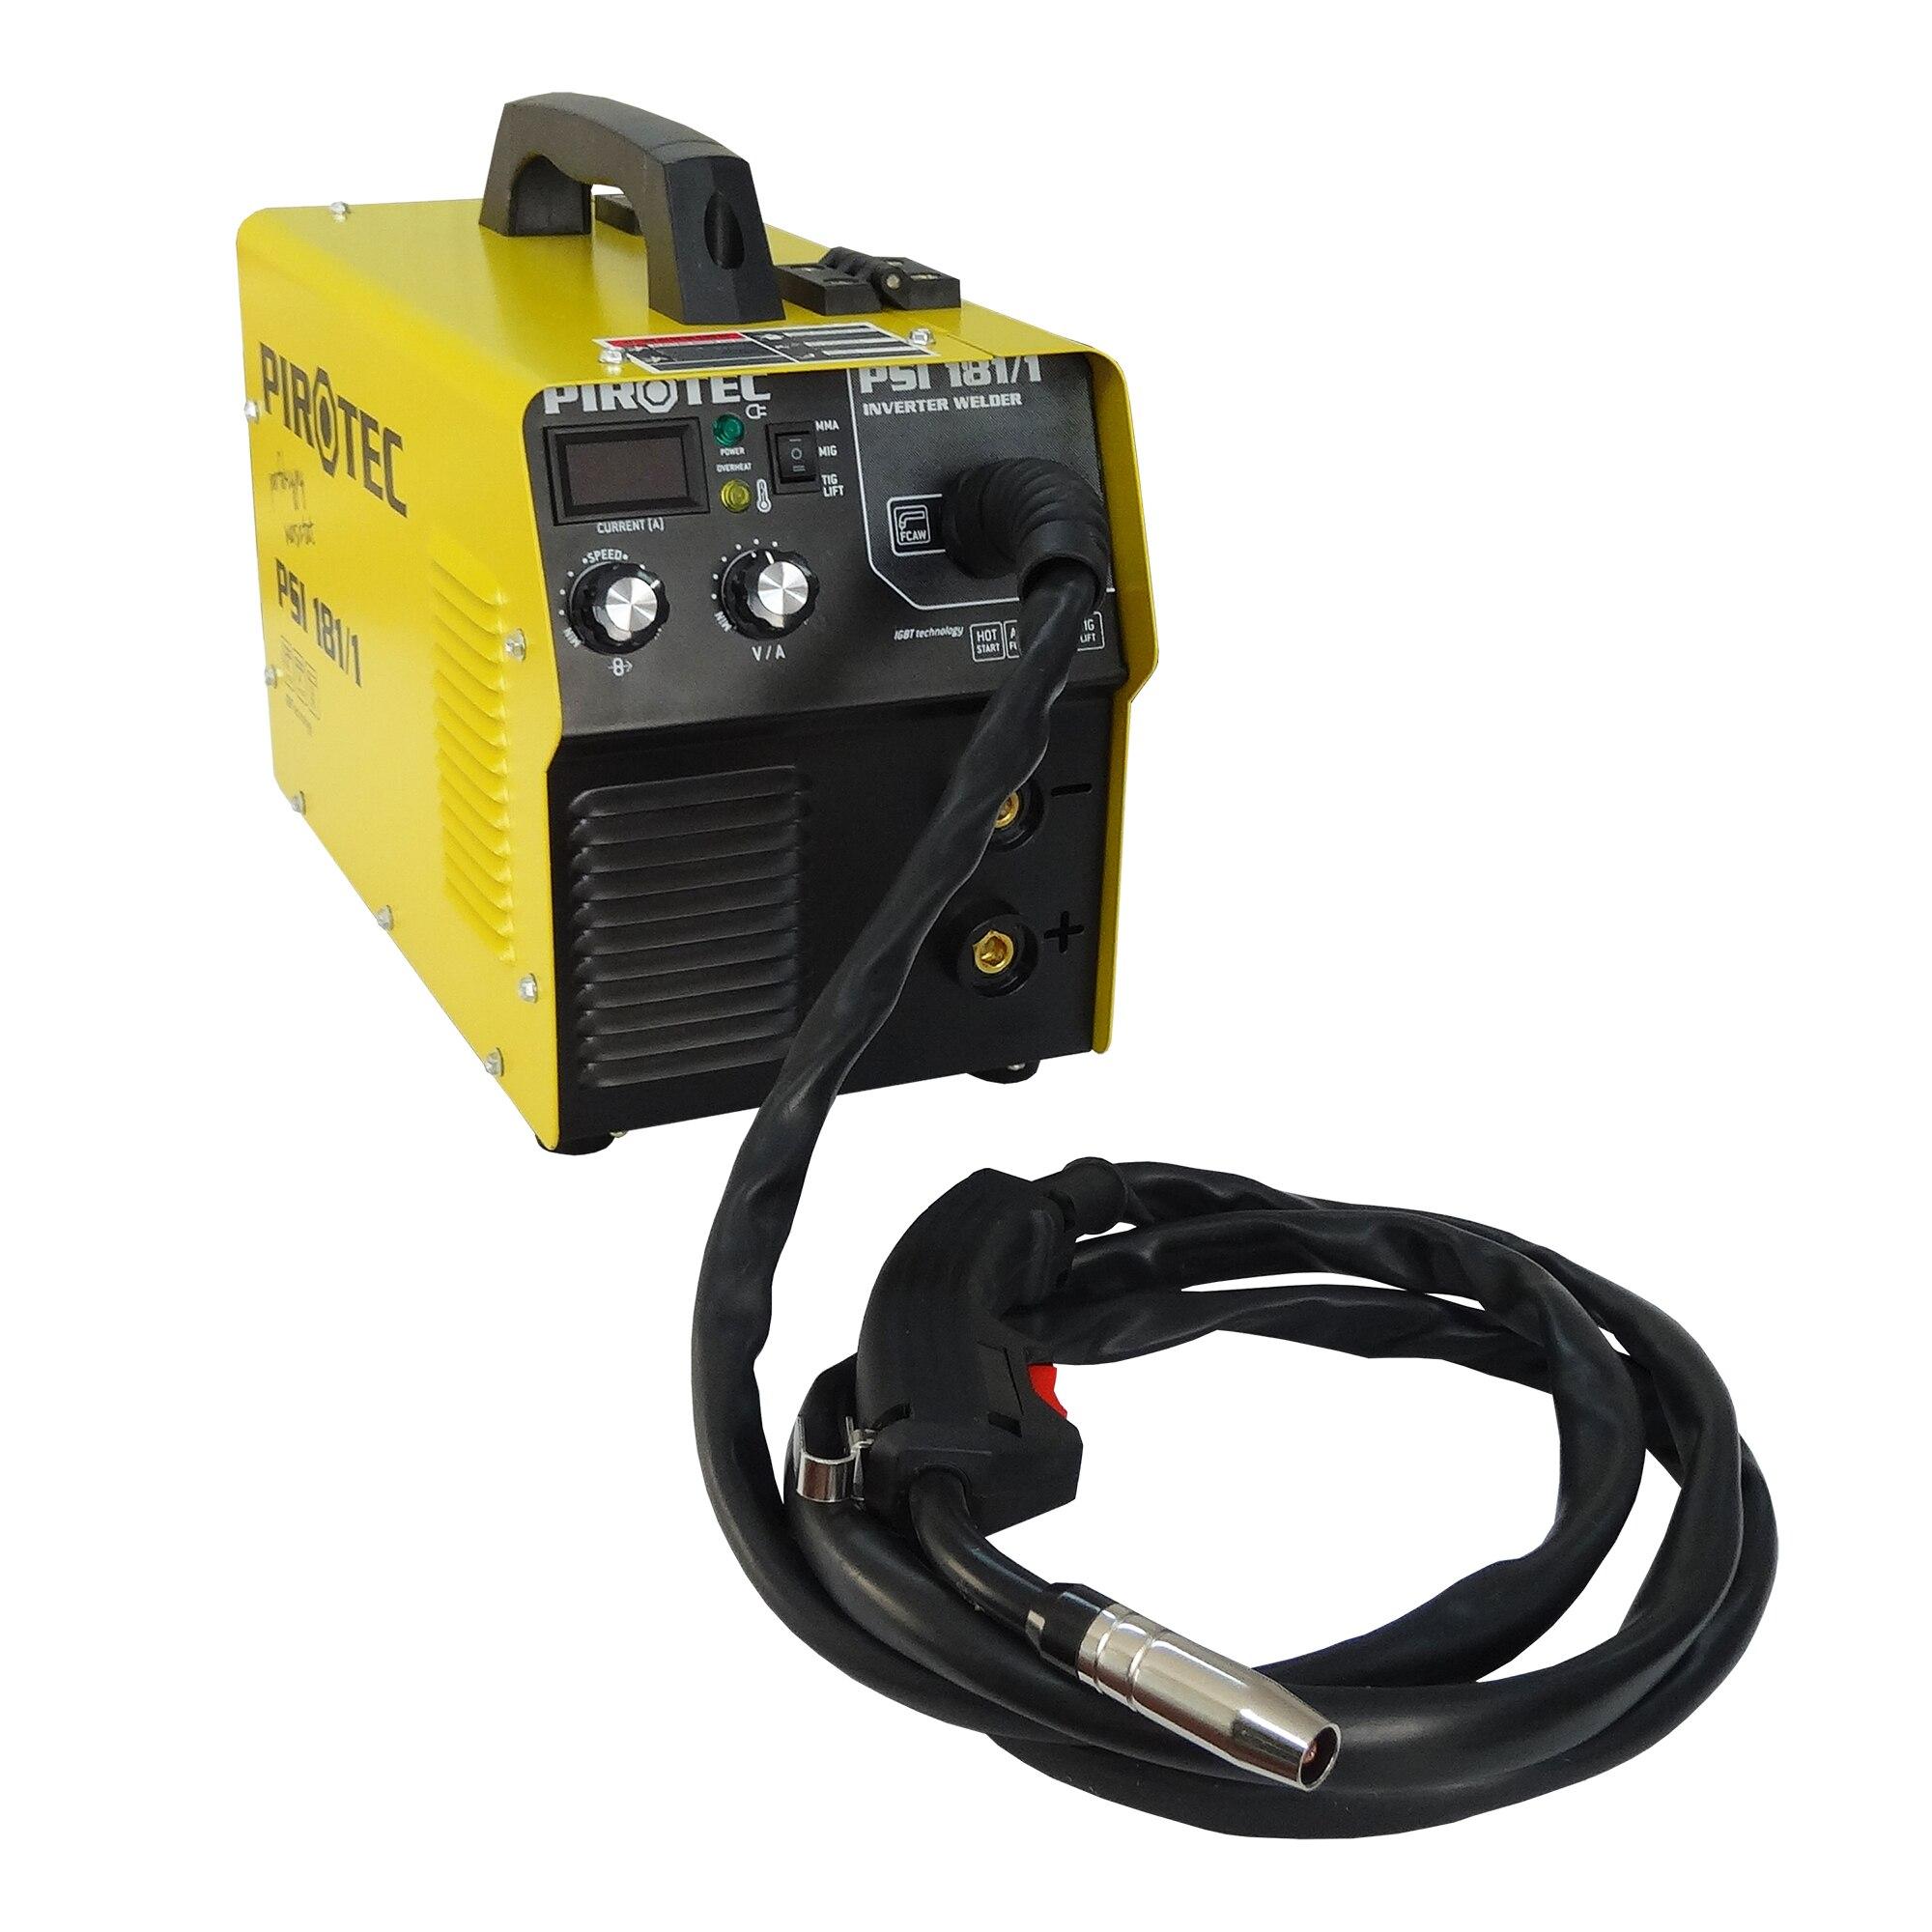 Fotografie Aparat de sudura PIROTEC MIG (CU GAZ/FARA GAZ -DOAR FLUX)&MMA -IGBT invertor, 160A, 230V, sarma 0,8-0,9mm, electrod 2,0-4,0mm, accesorii incluse. PSI 181/1 PIROTEC